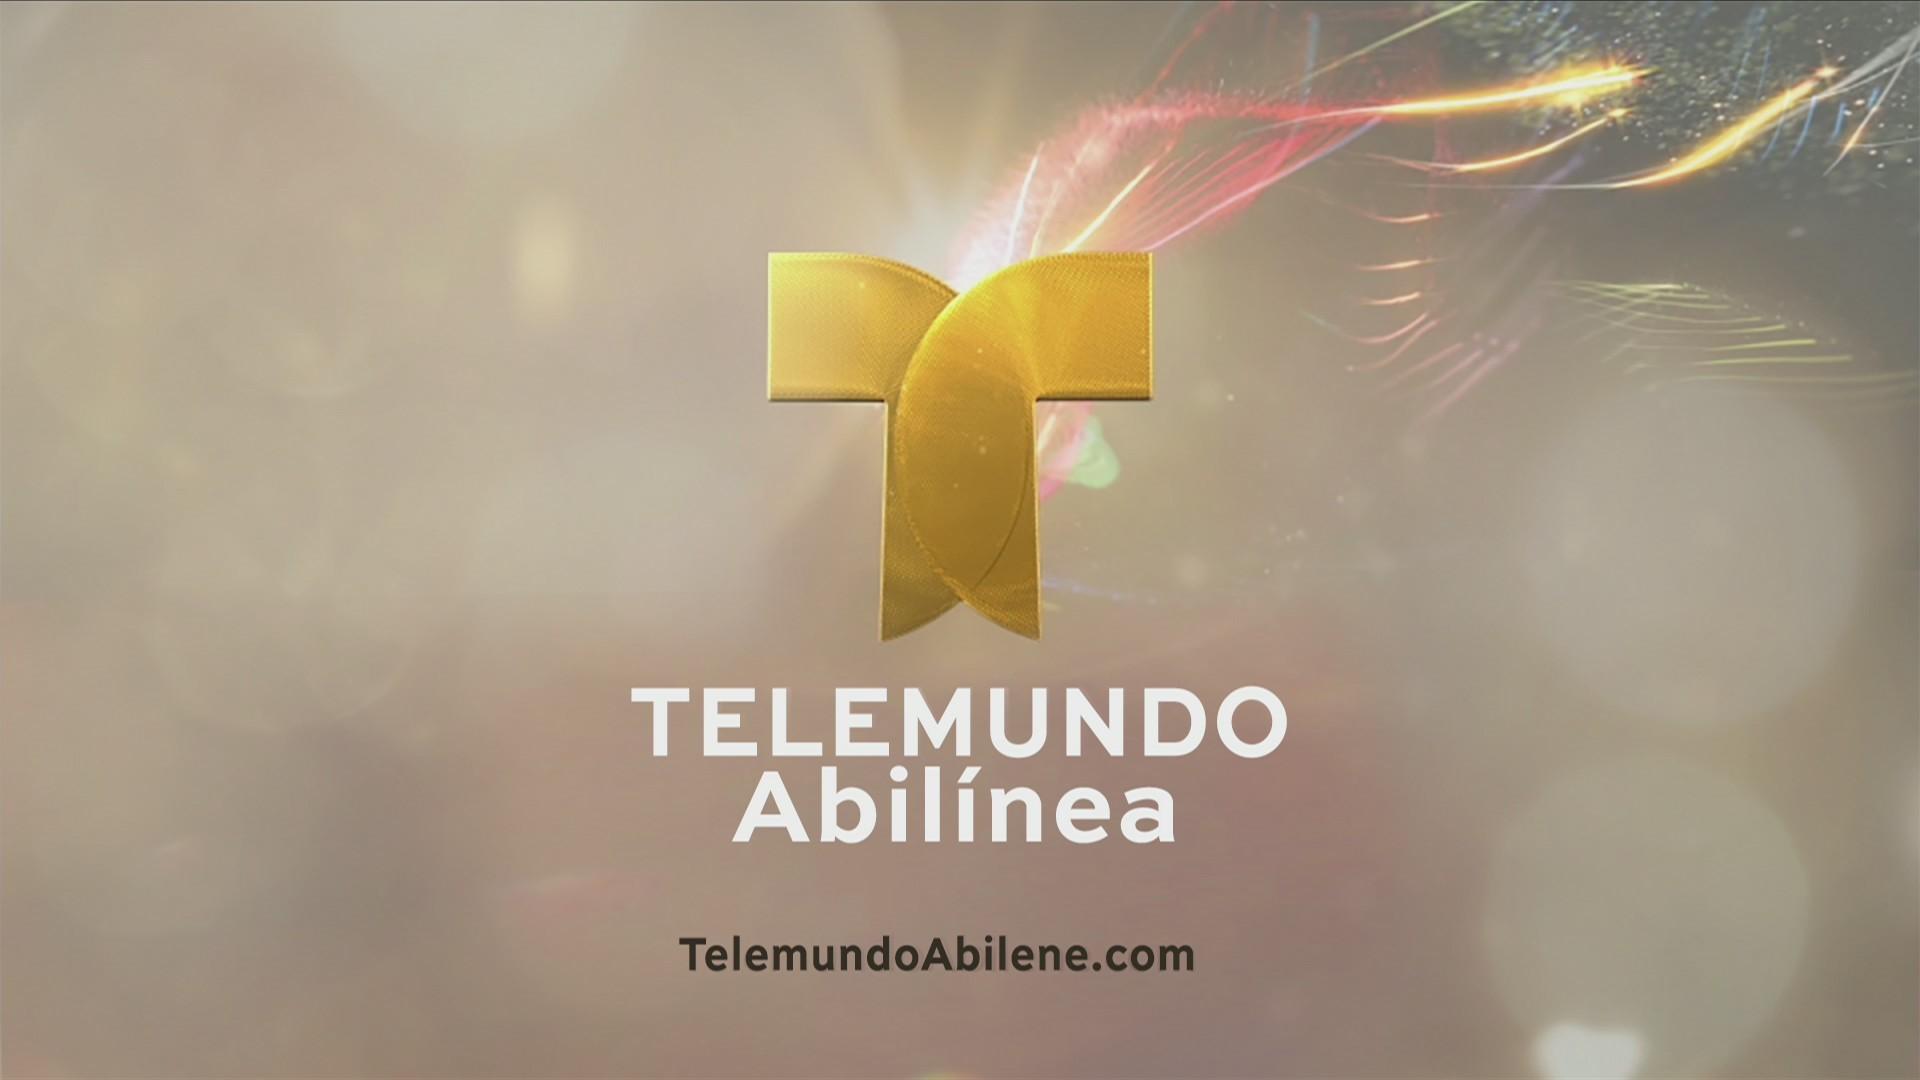 Telemundo Abilínea - 22 de marzo,2019